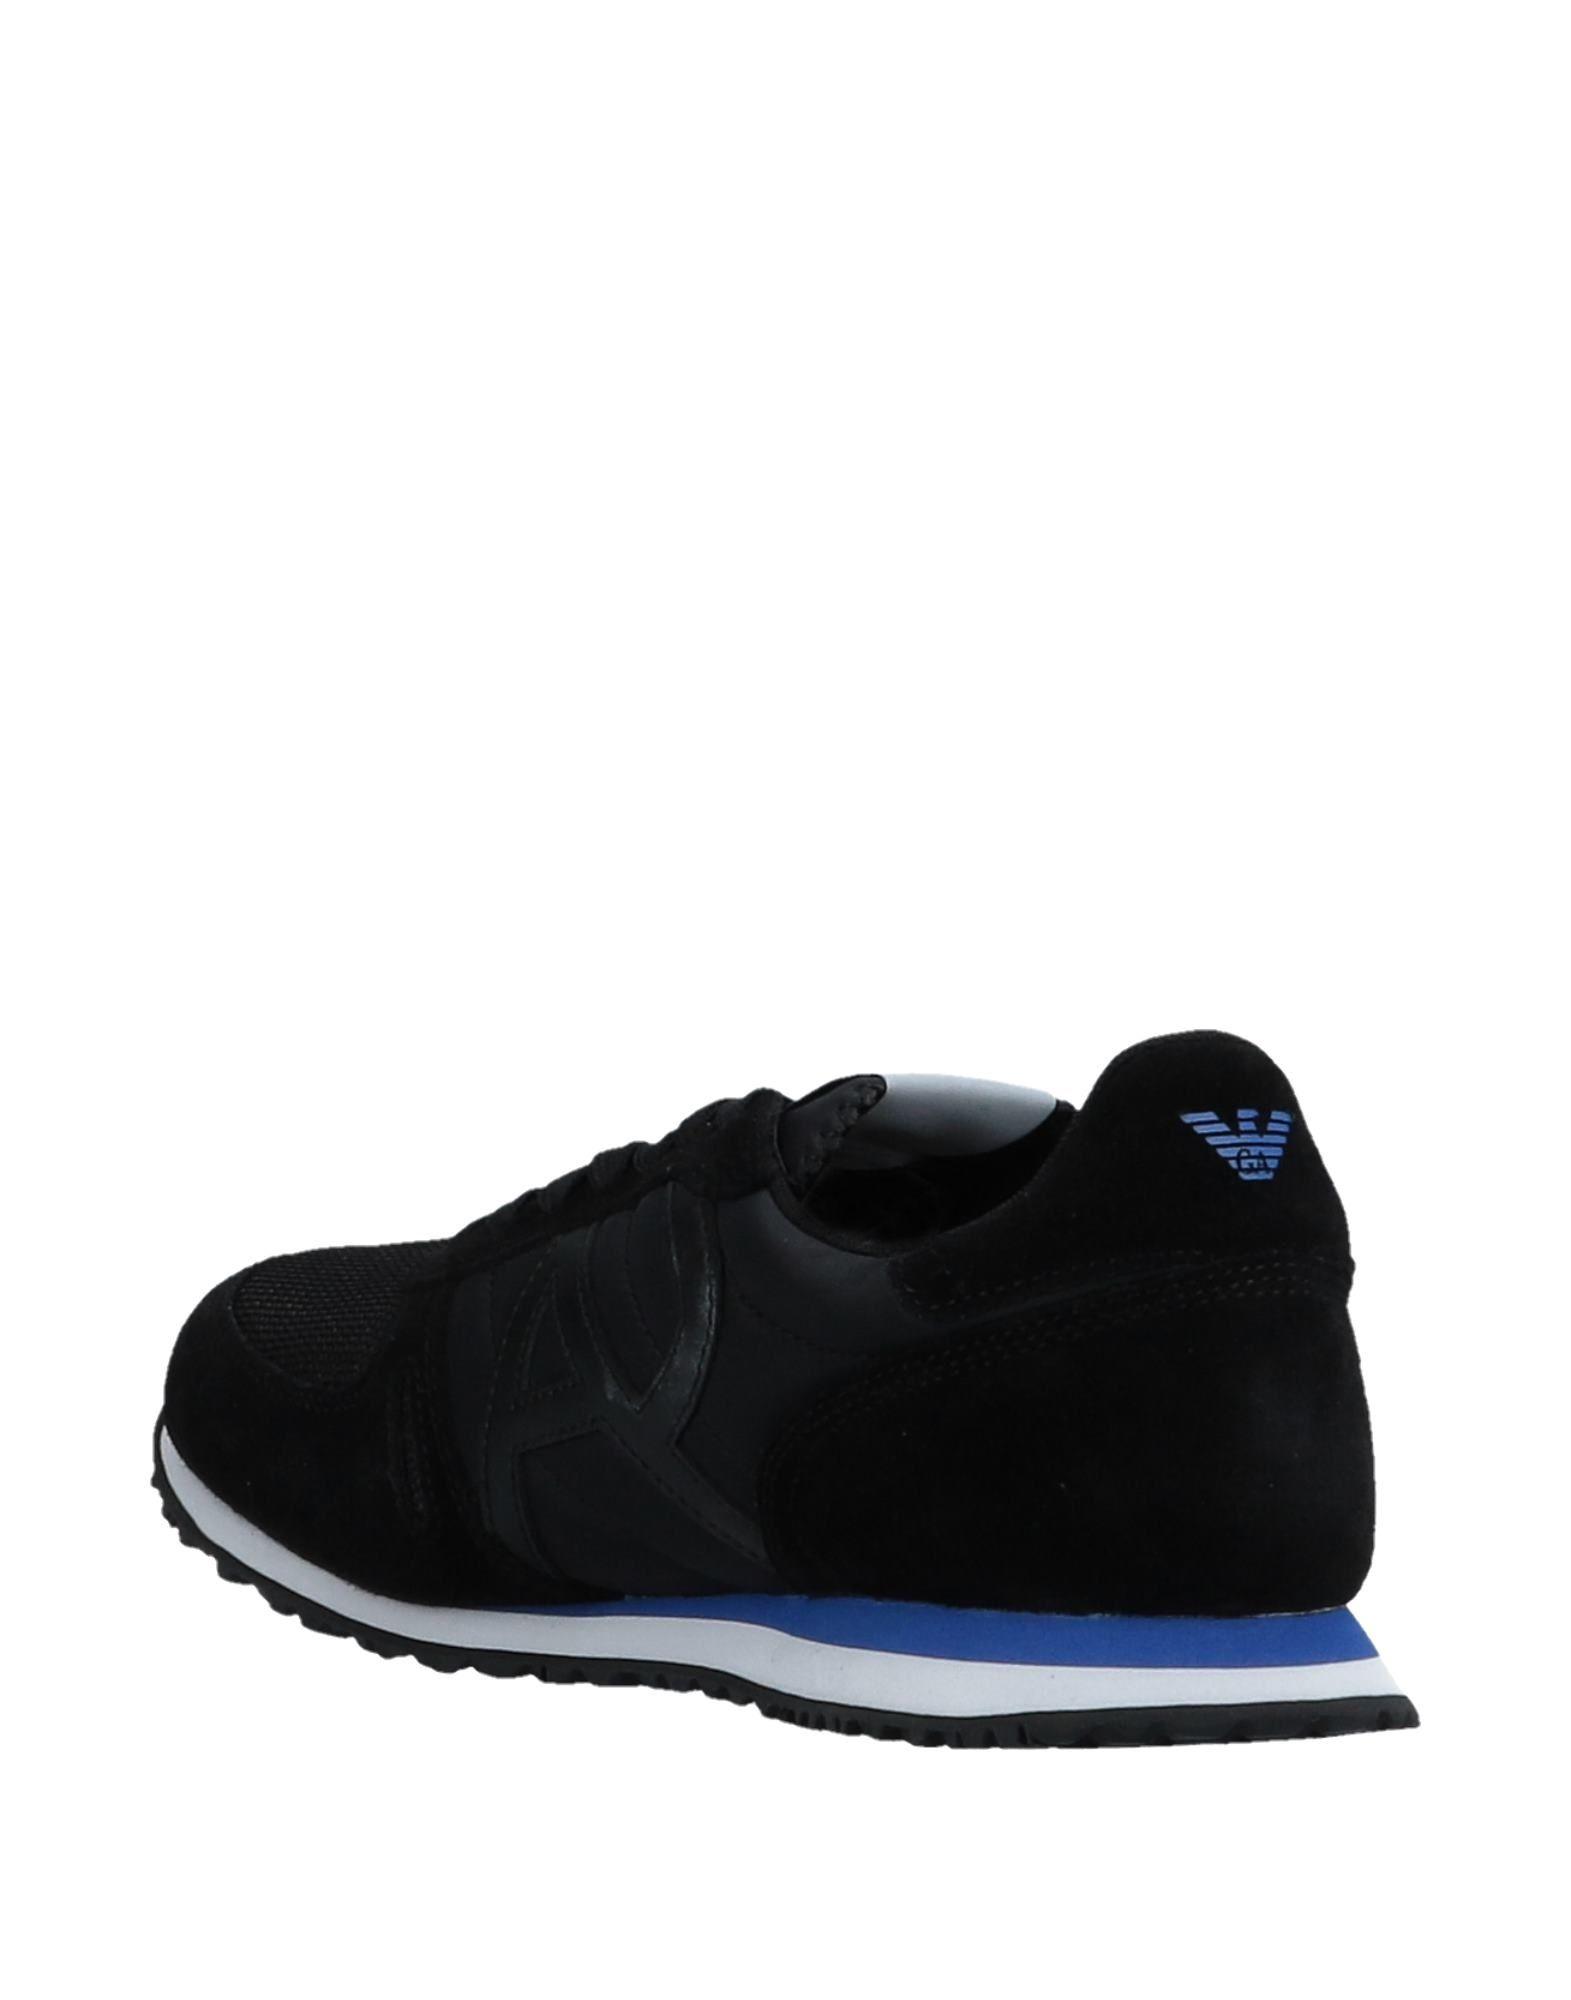 Armani Jeans Herren Sneakers Herren Jeans  11511395QH 26947c